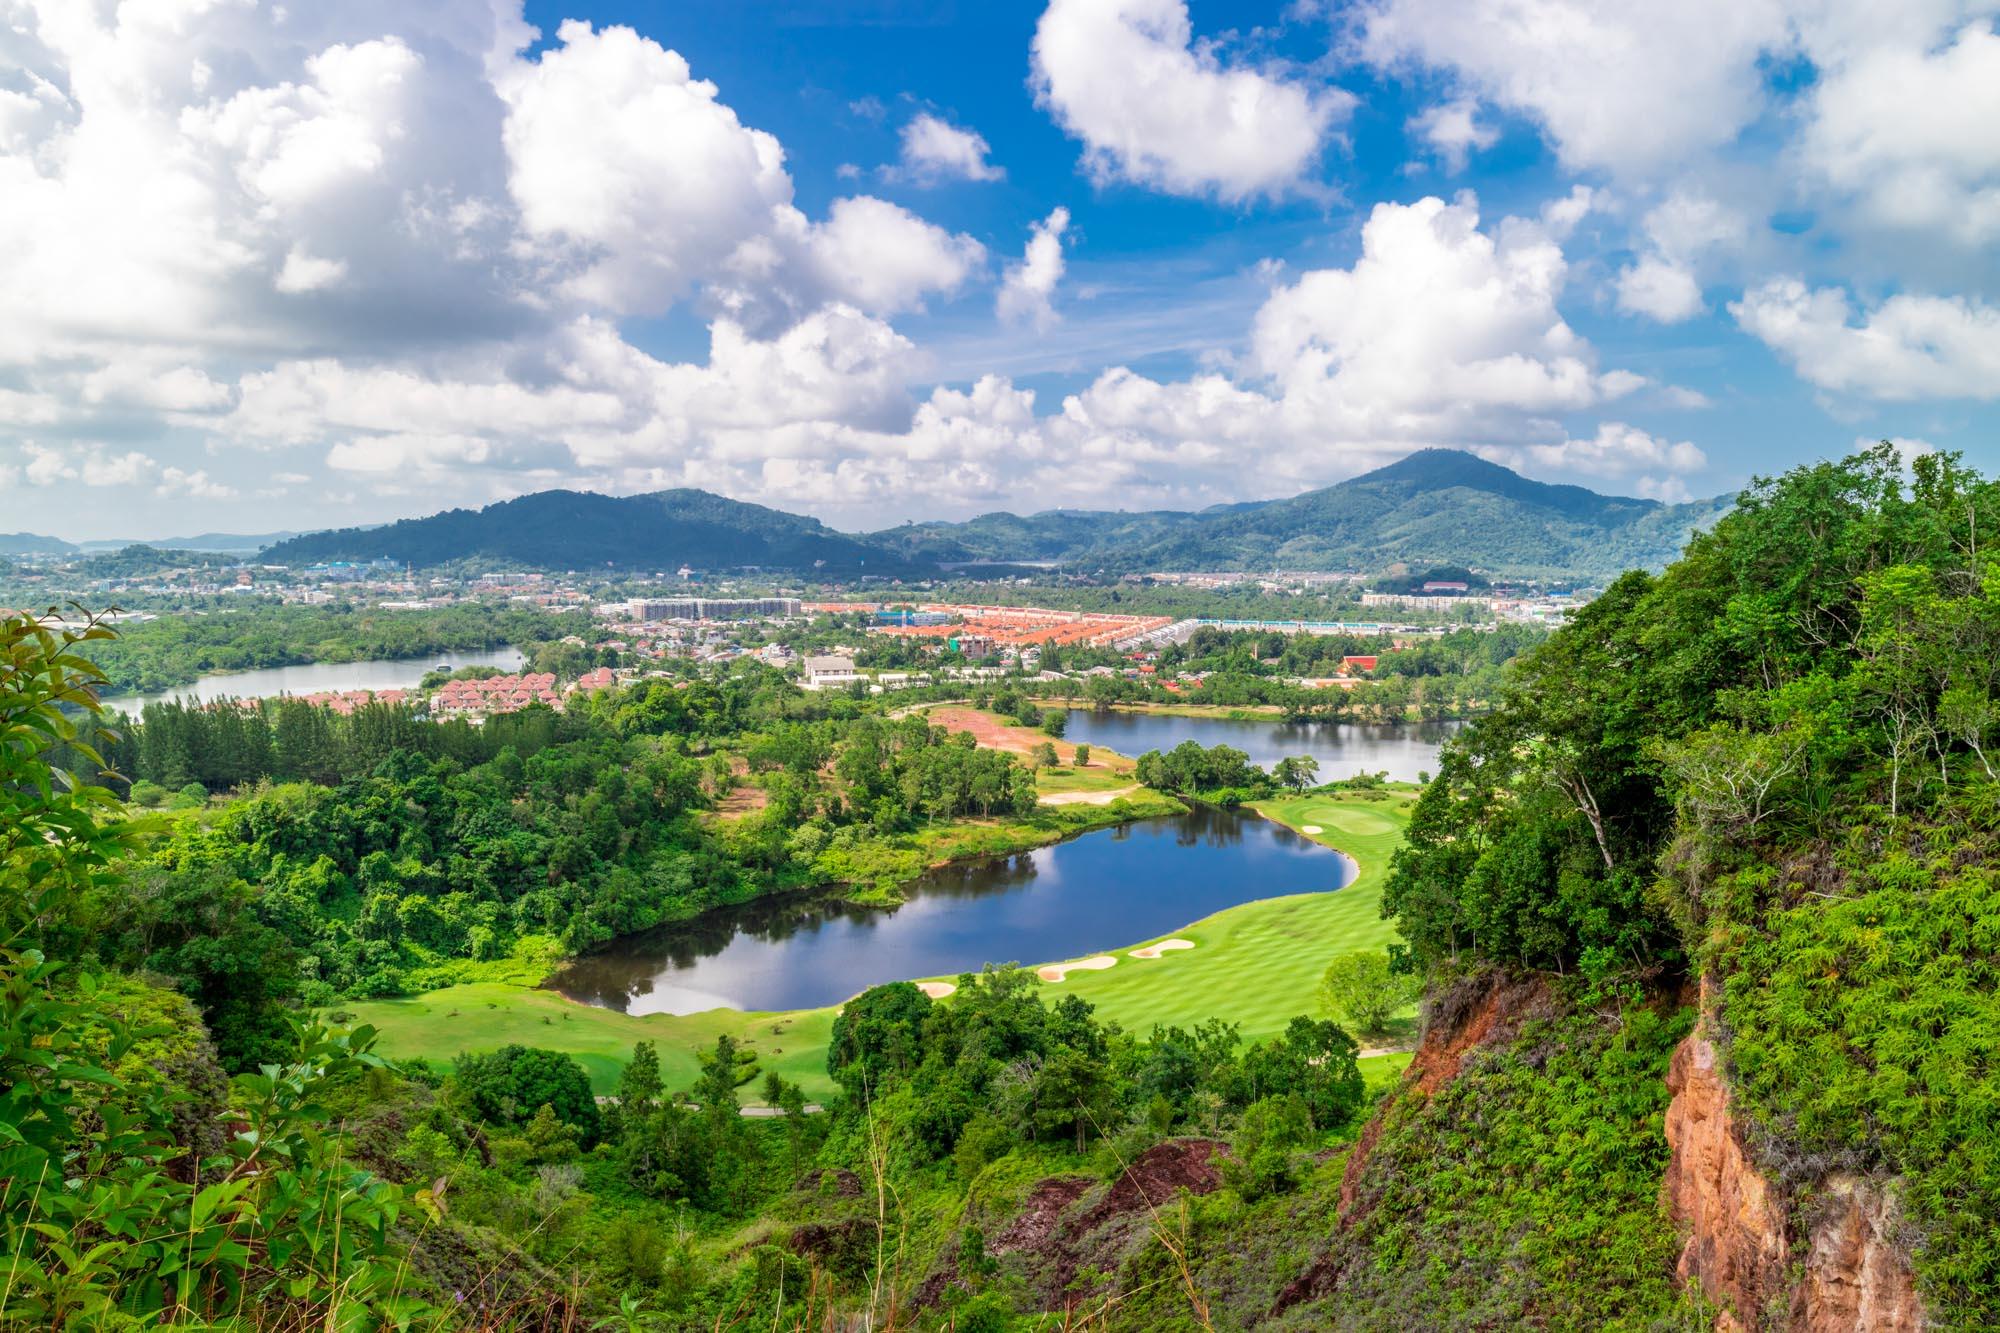 ทินิดี กอล์ฟ รีสอร์ท Tinidee Golf Resort Phuket  Tinidee Phuket ทินิดี กอล์ฟ รีสอร์ท แอท ภูเก็ต IMG 8454